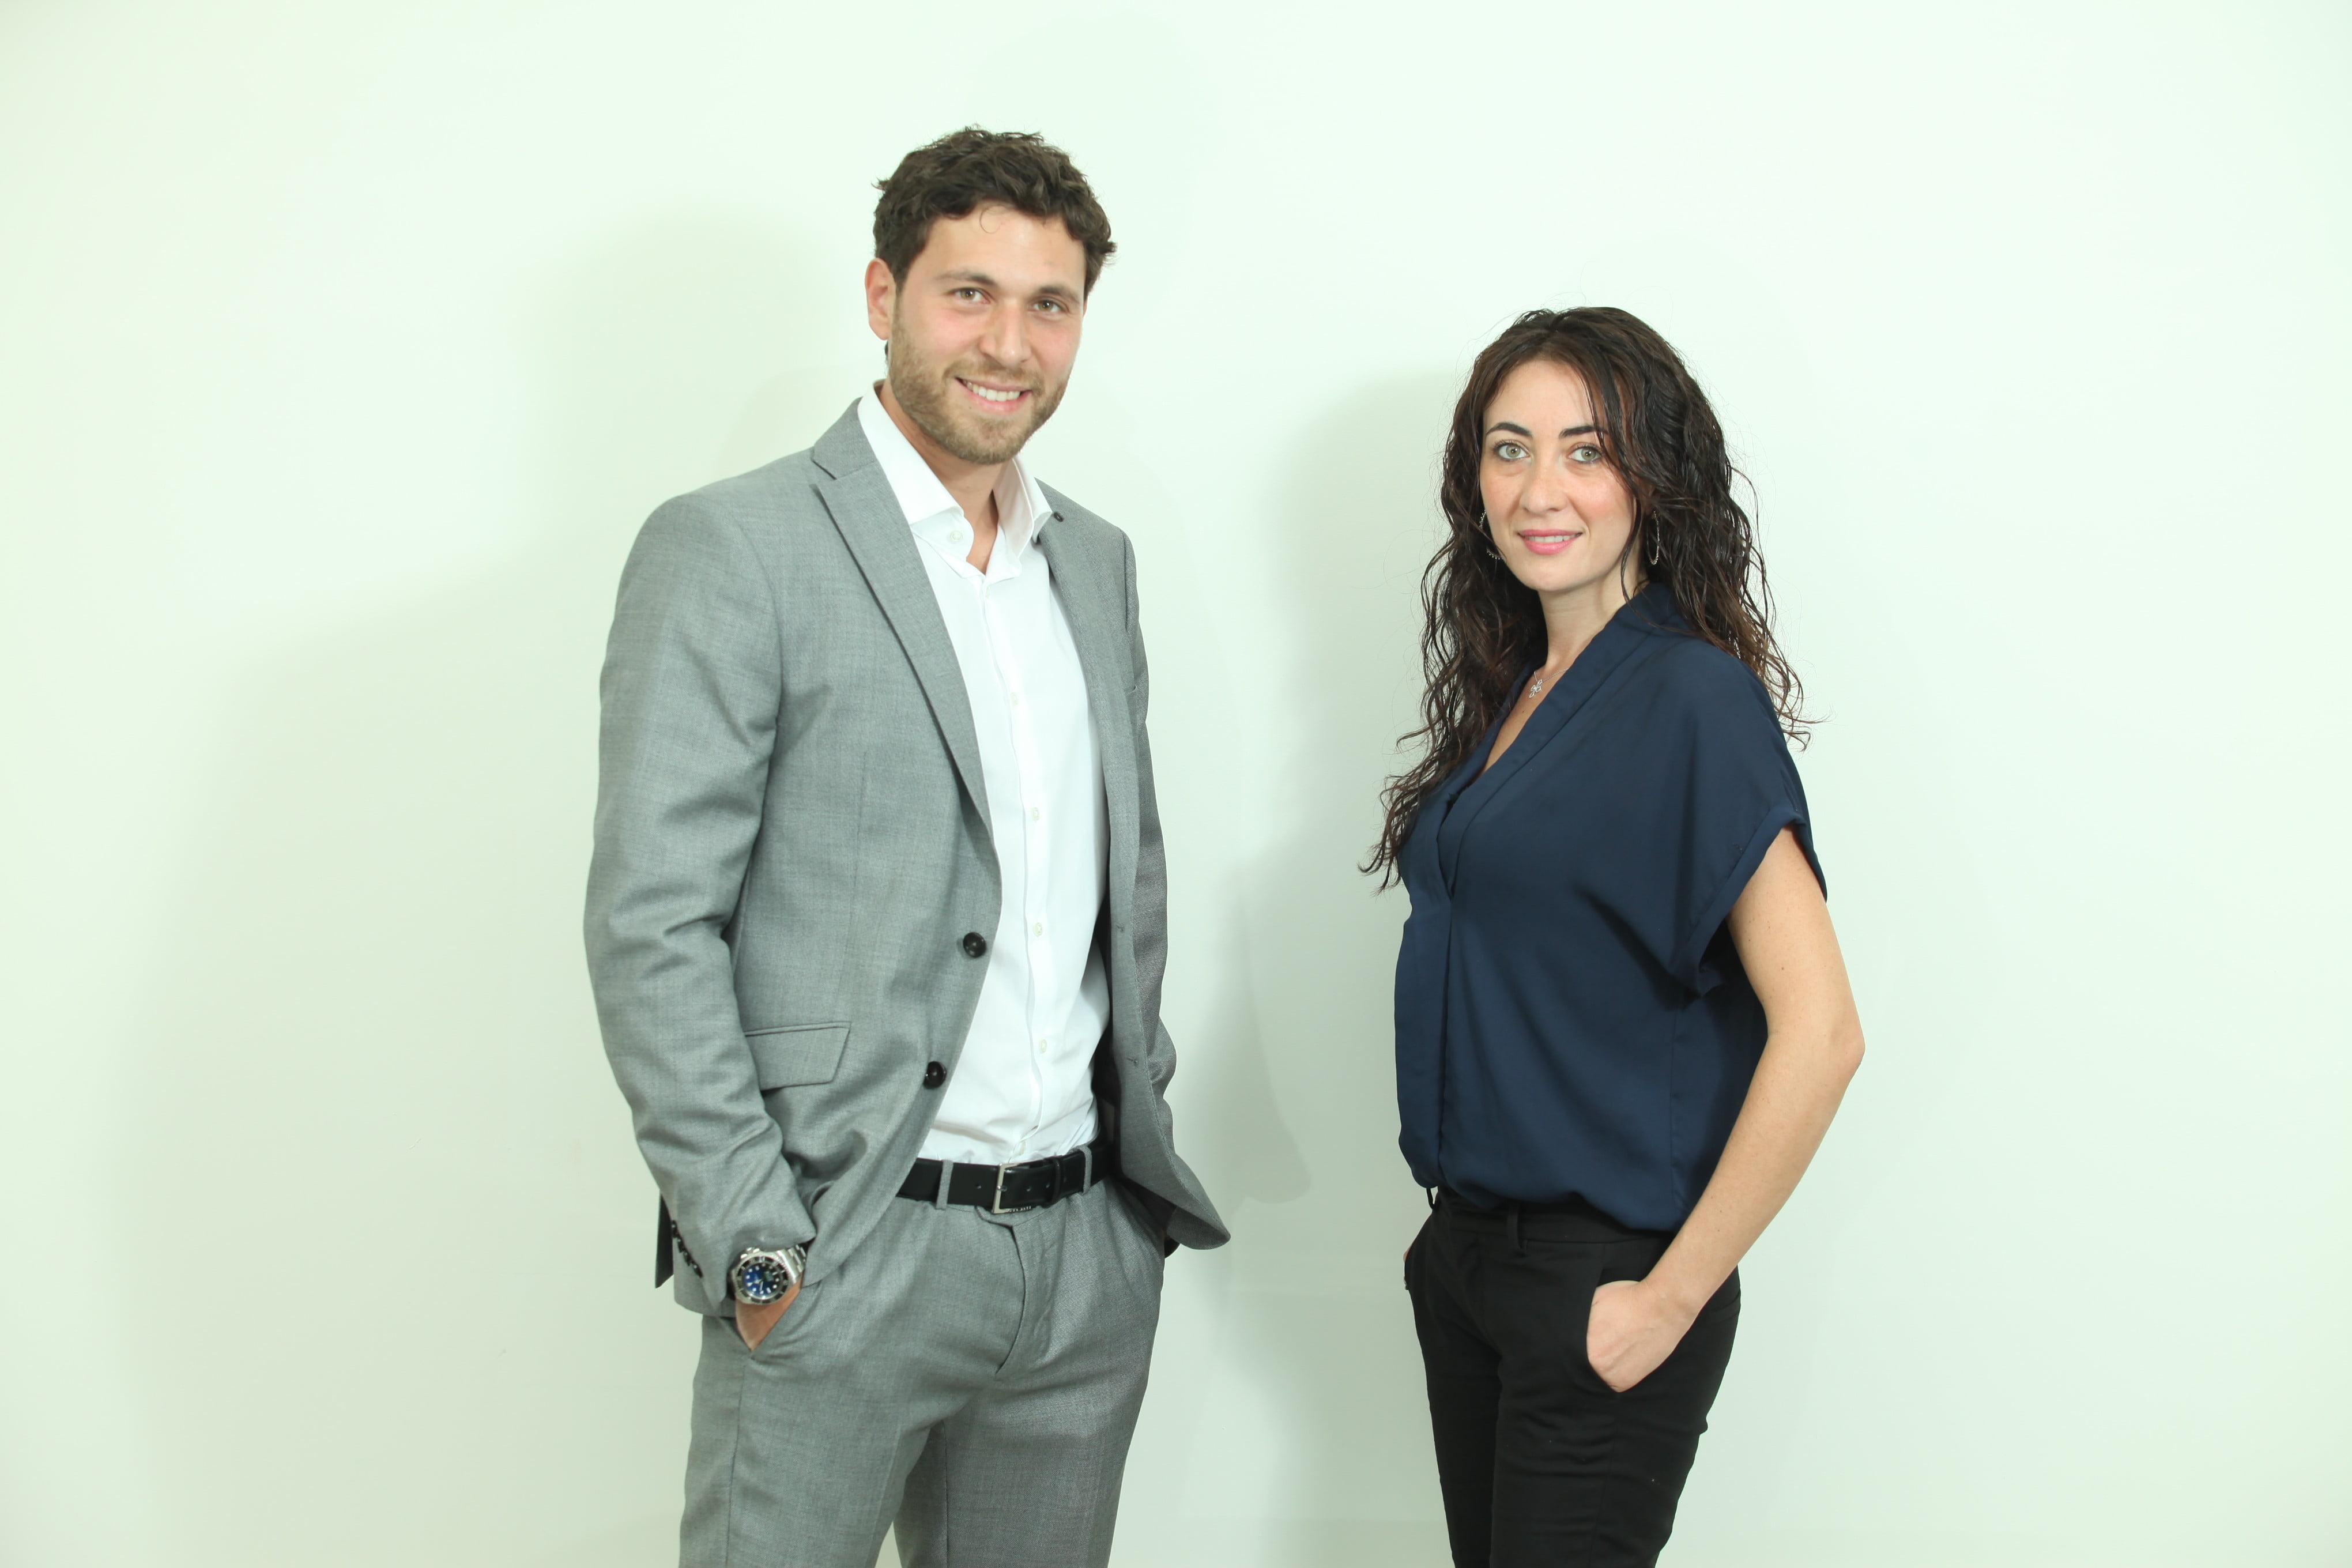 Achetez votre bien en Israël avec un crédit en France avec Elodie Amsellem